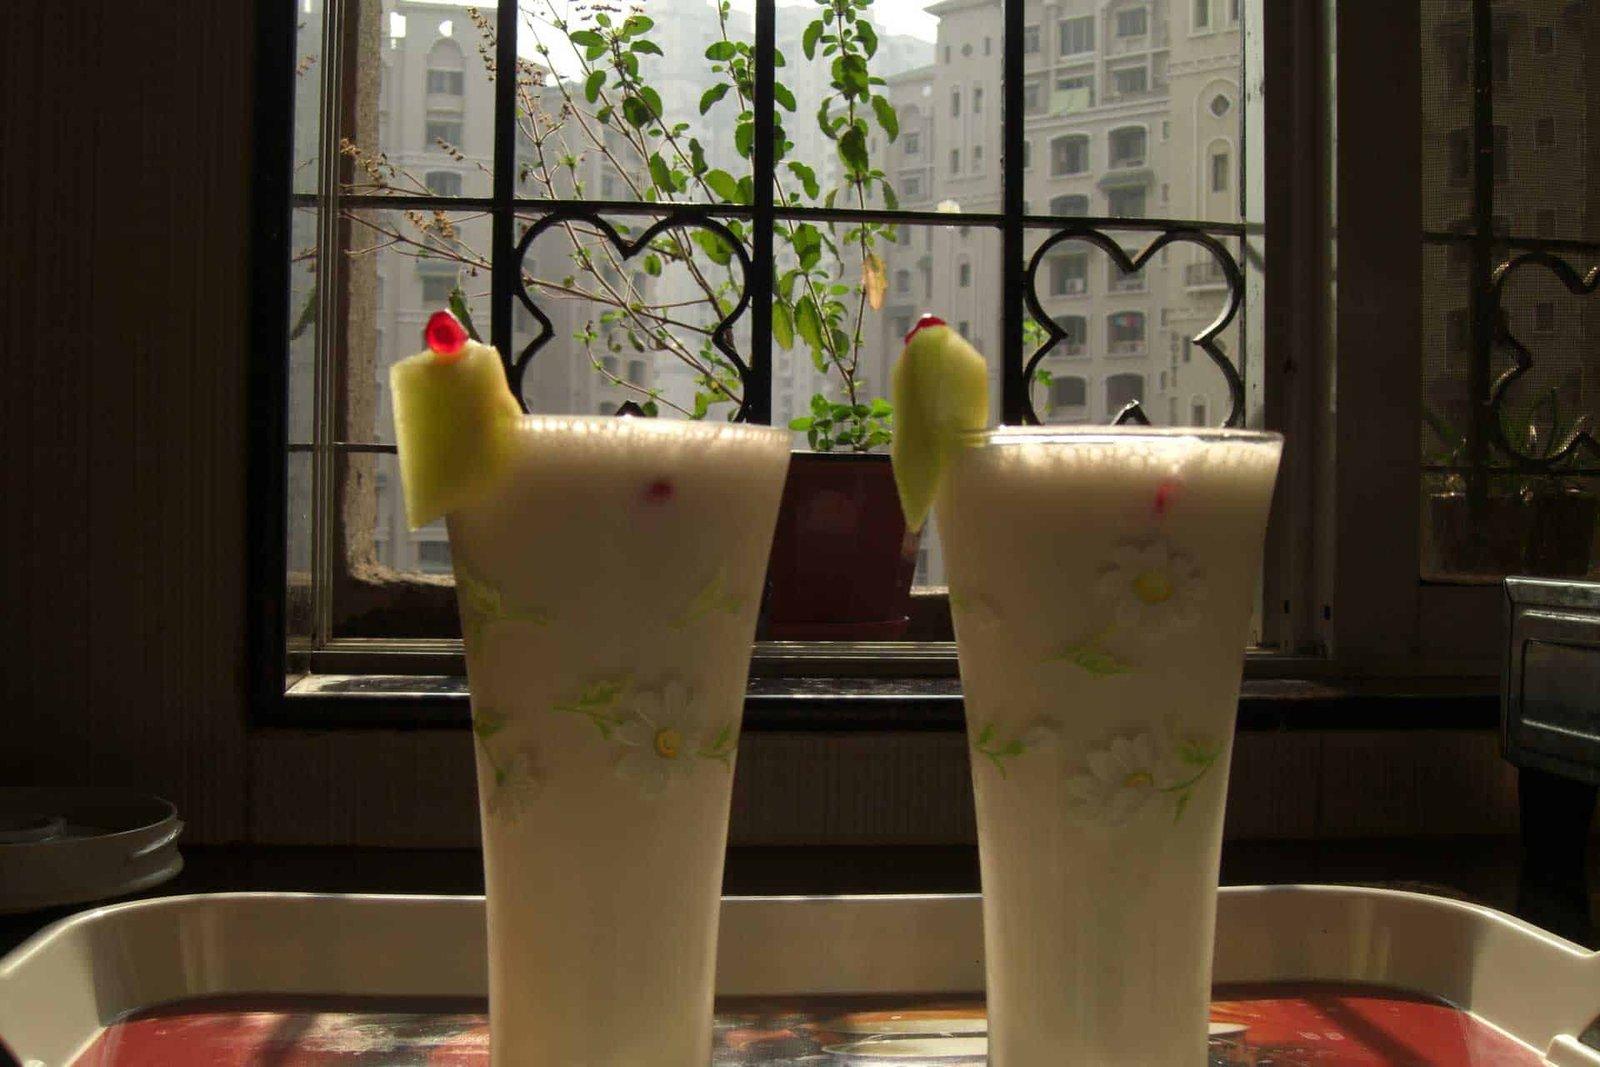 Desi-Summer-Drinks-Indore-IndoreHD